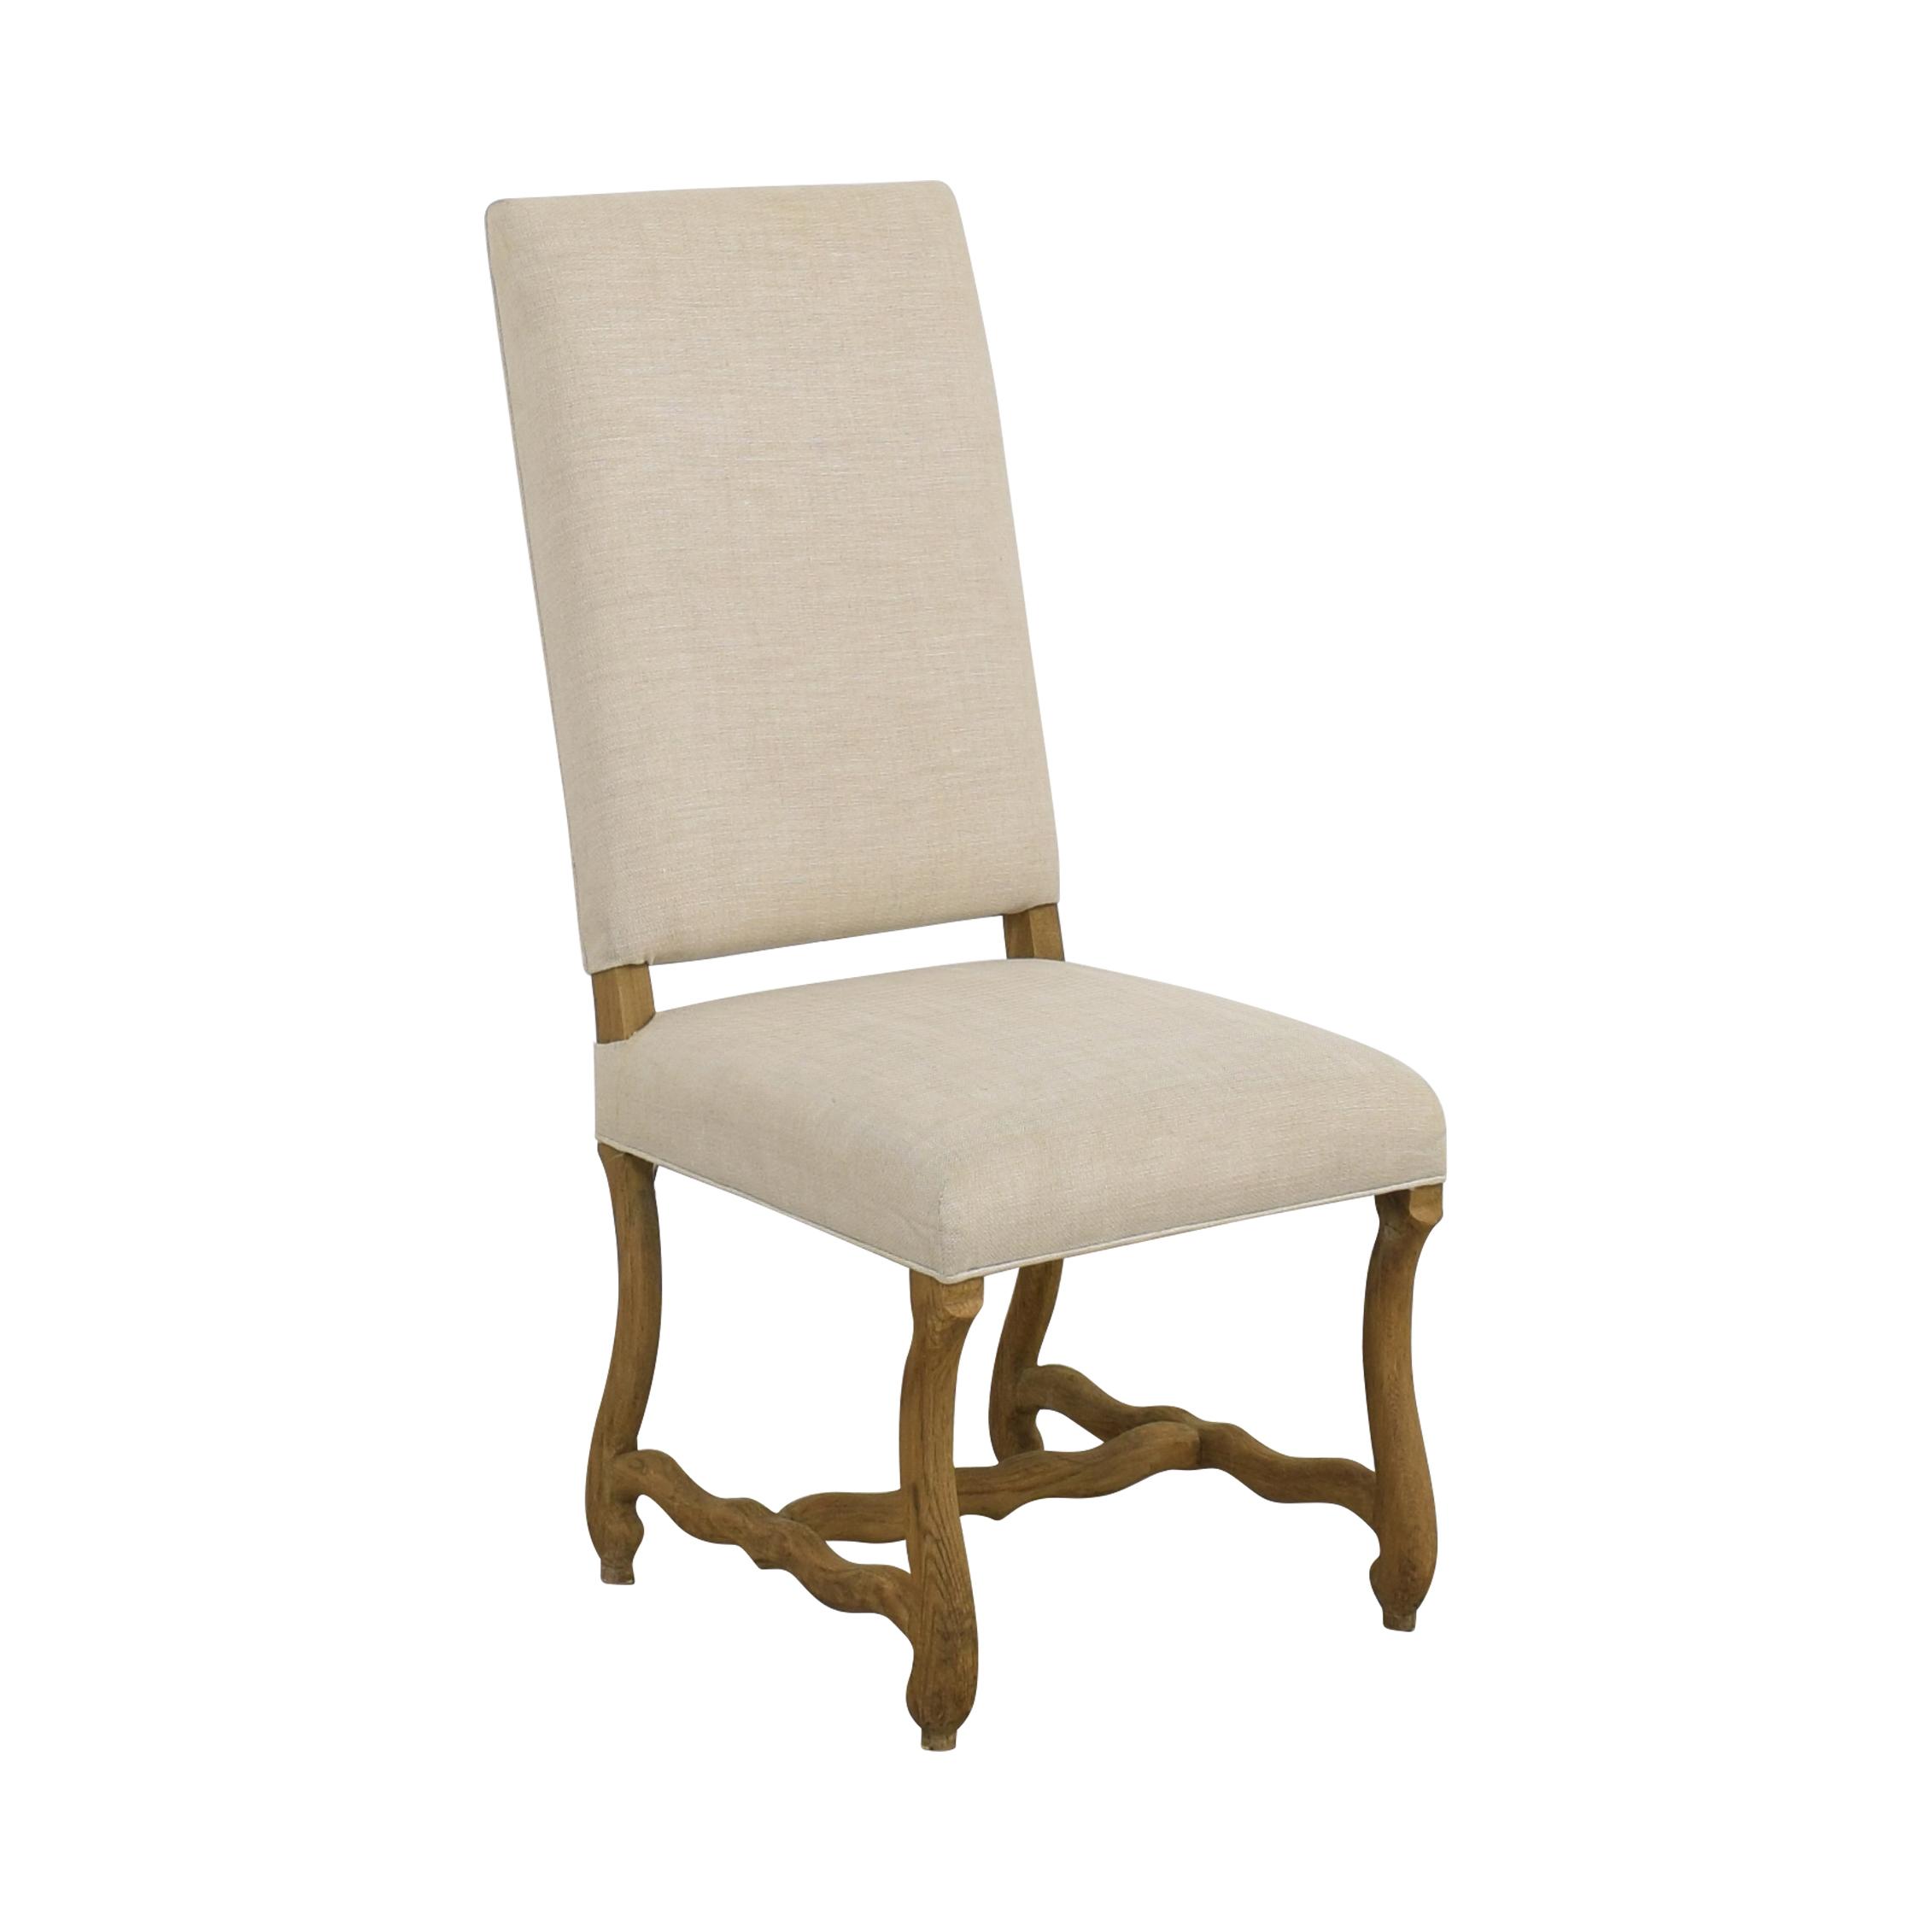 shop Restoration Hardware High Back Dining Chair Restoration Hardware Dining Chairs